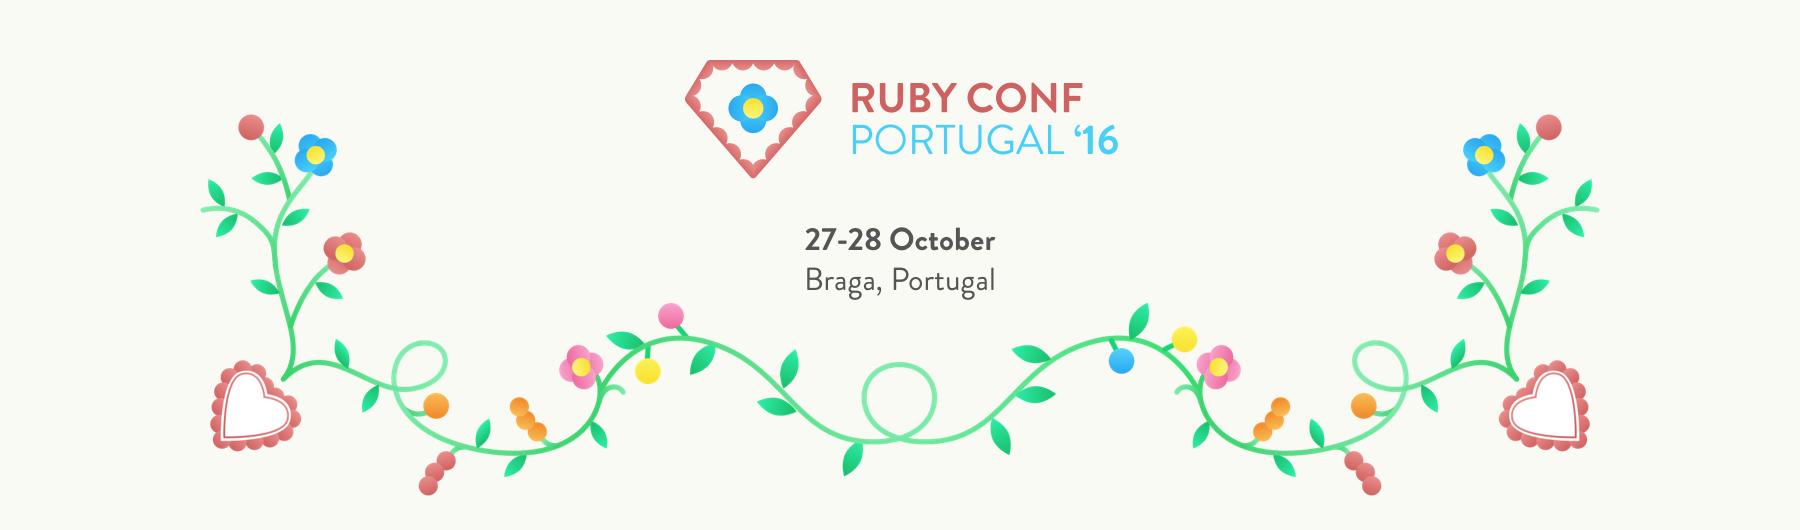 RubyConf Portugal 2016